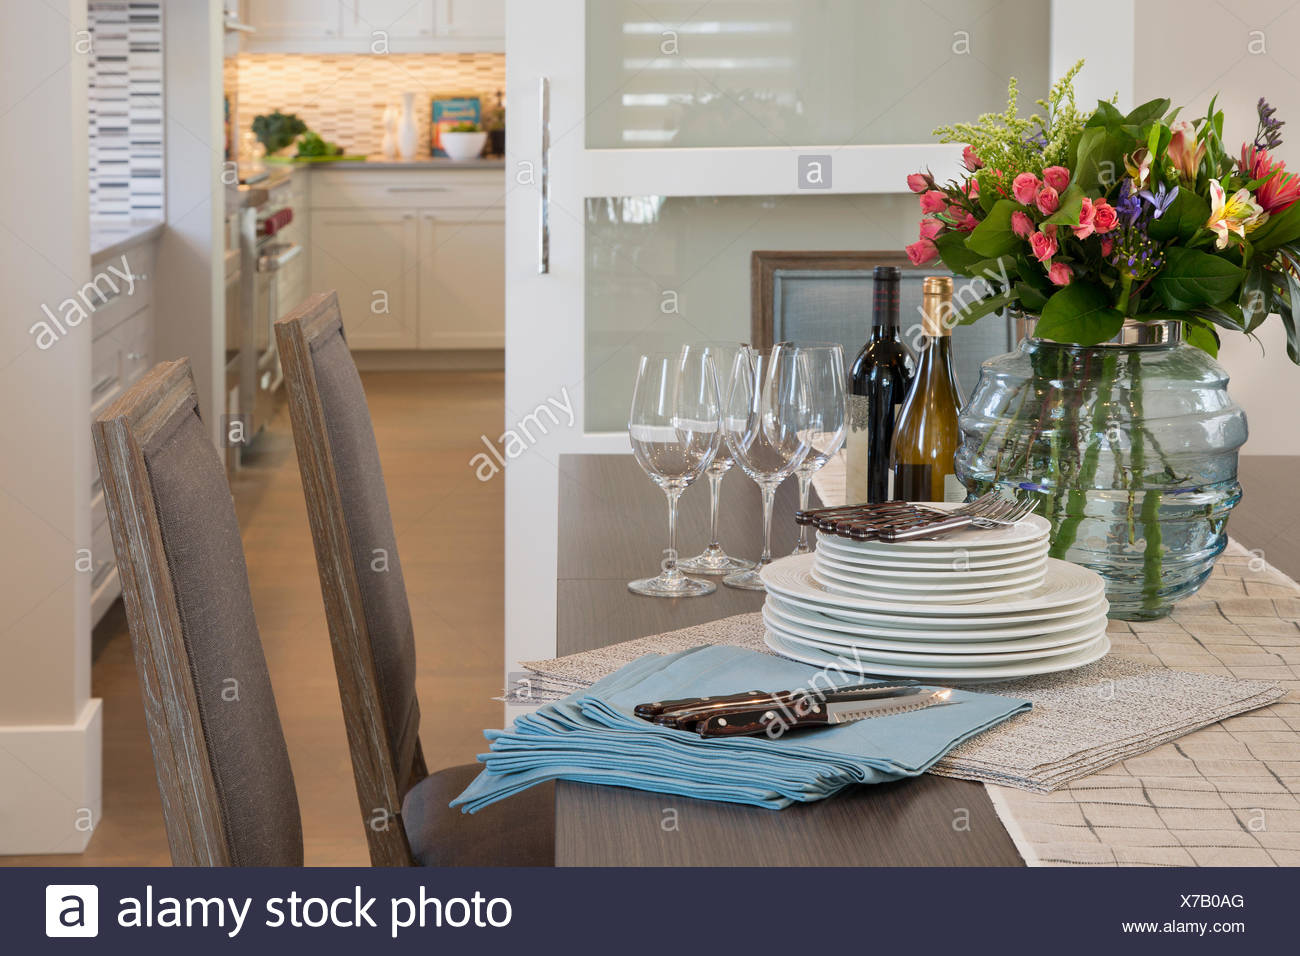 Blumenstrauß und gestapelten Maßgedecke Esstisch Stockbild